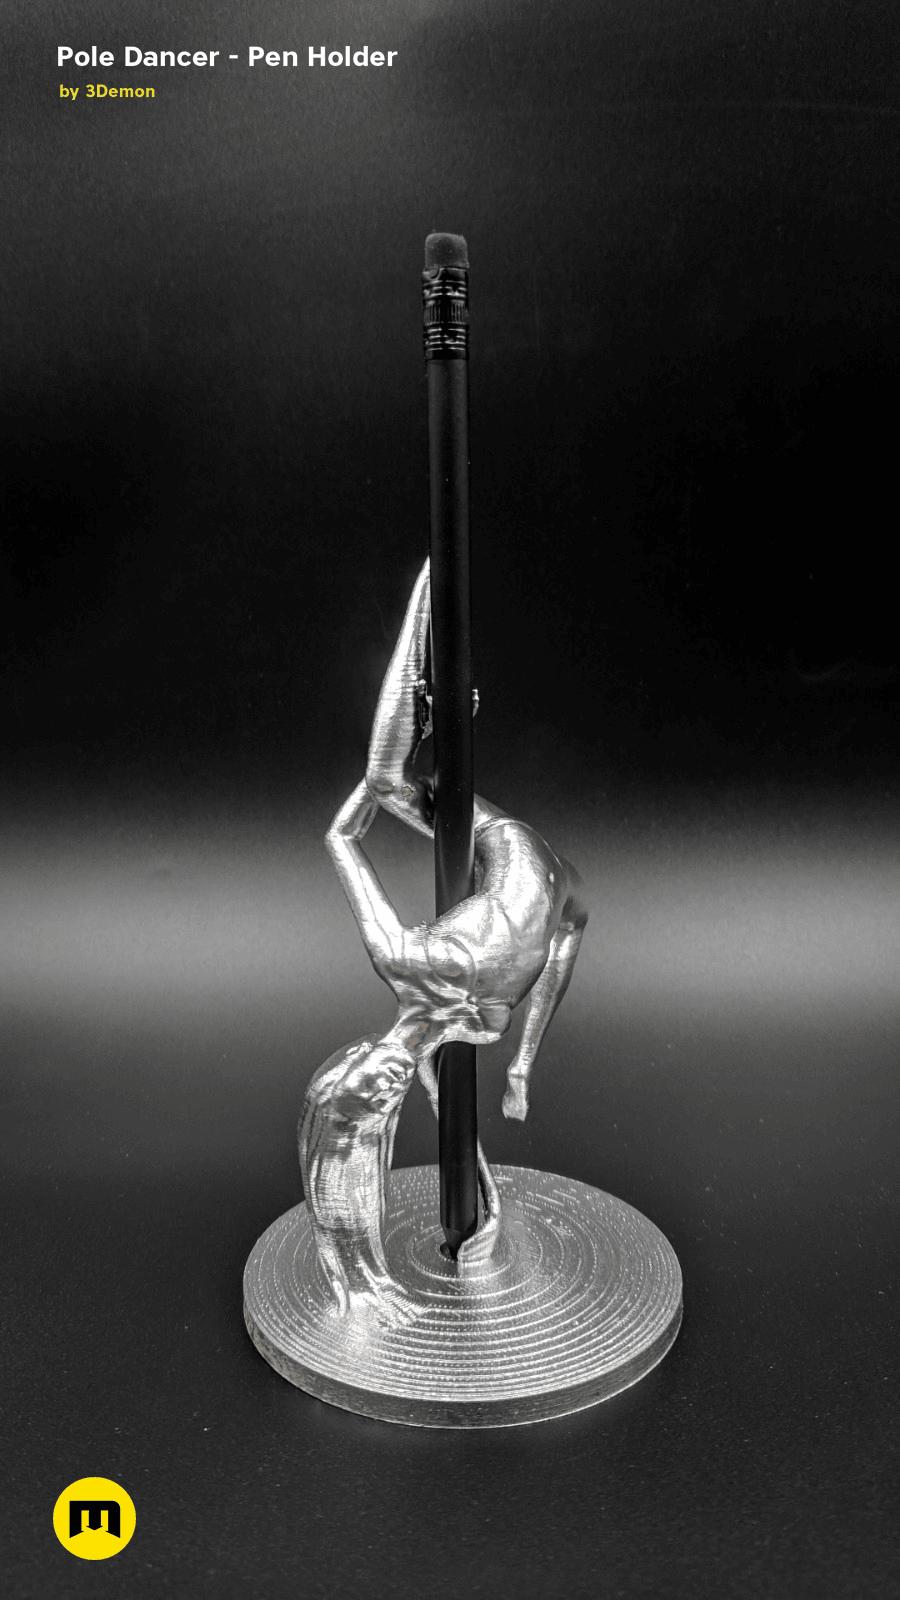 IMG_20190220_103136.png Download STL file Pole Dancer - Pen Holder • Object to 3D print, 3D-mon